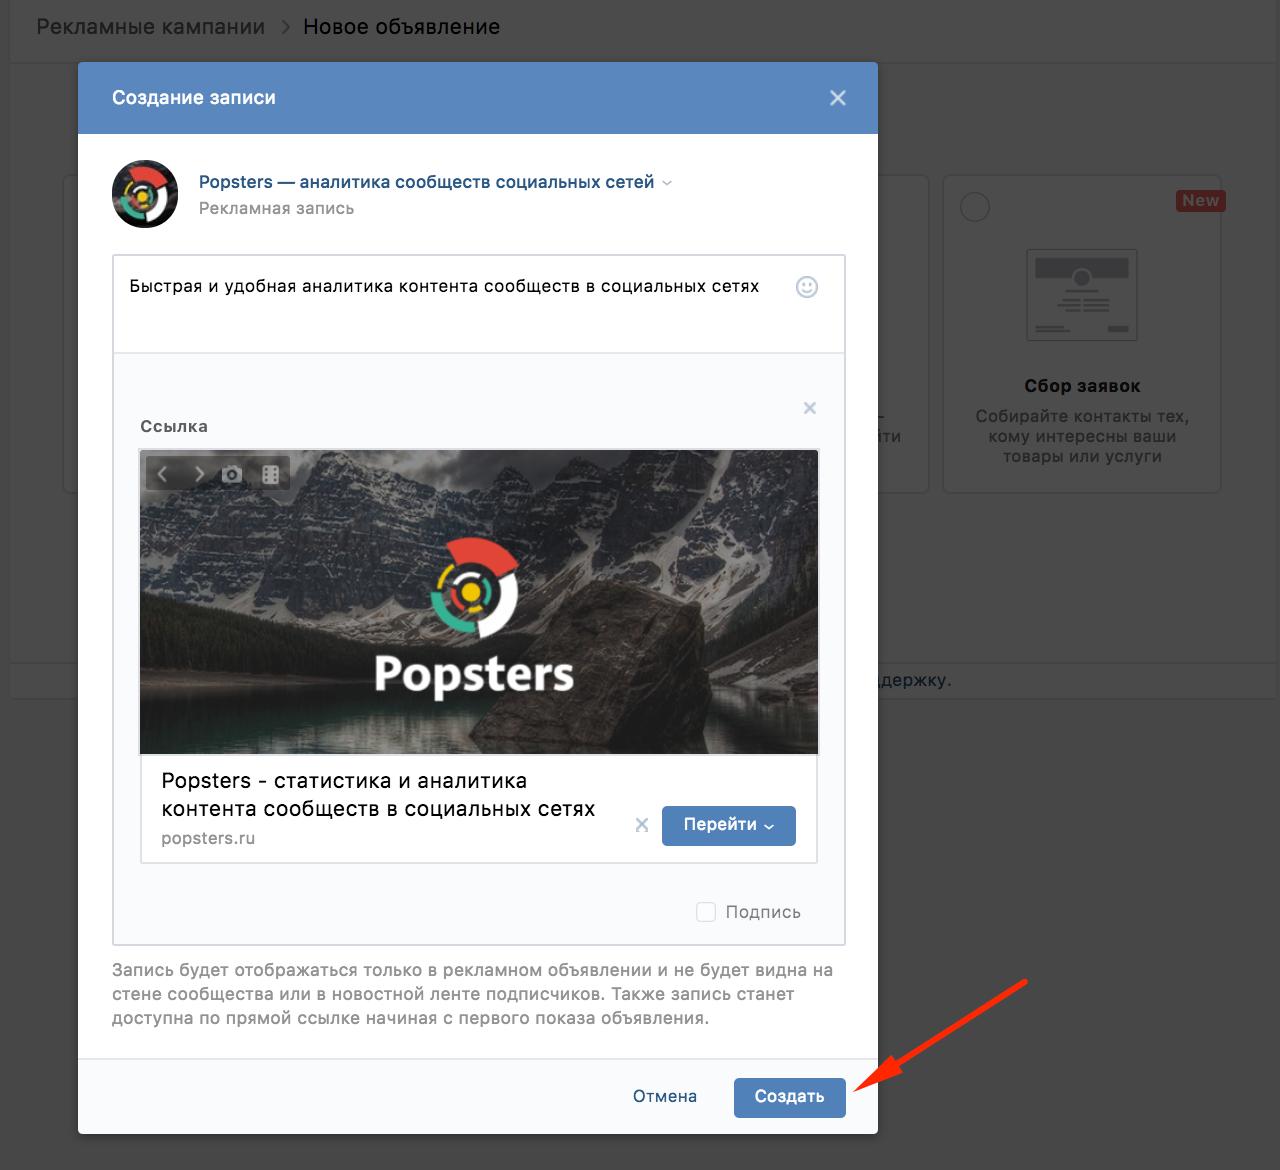 Как пройти модерацию Вконтакте вашему рекламному объявлению